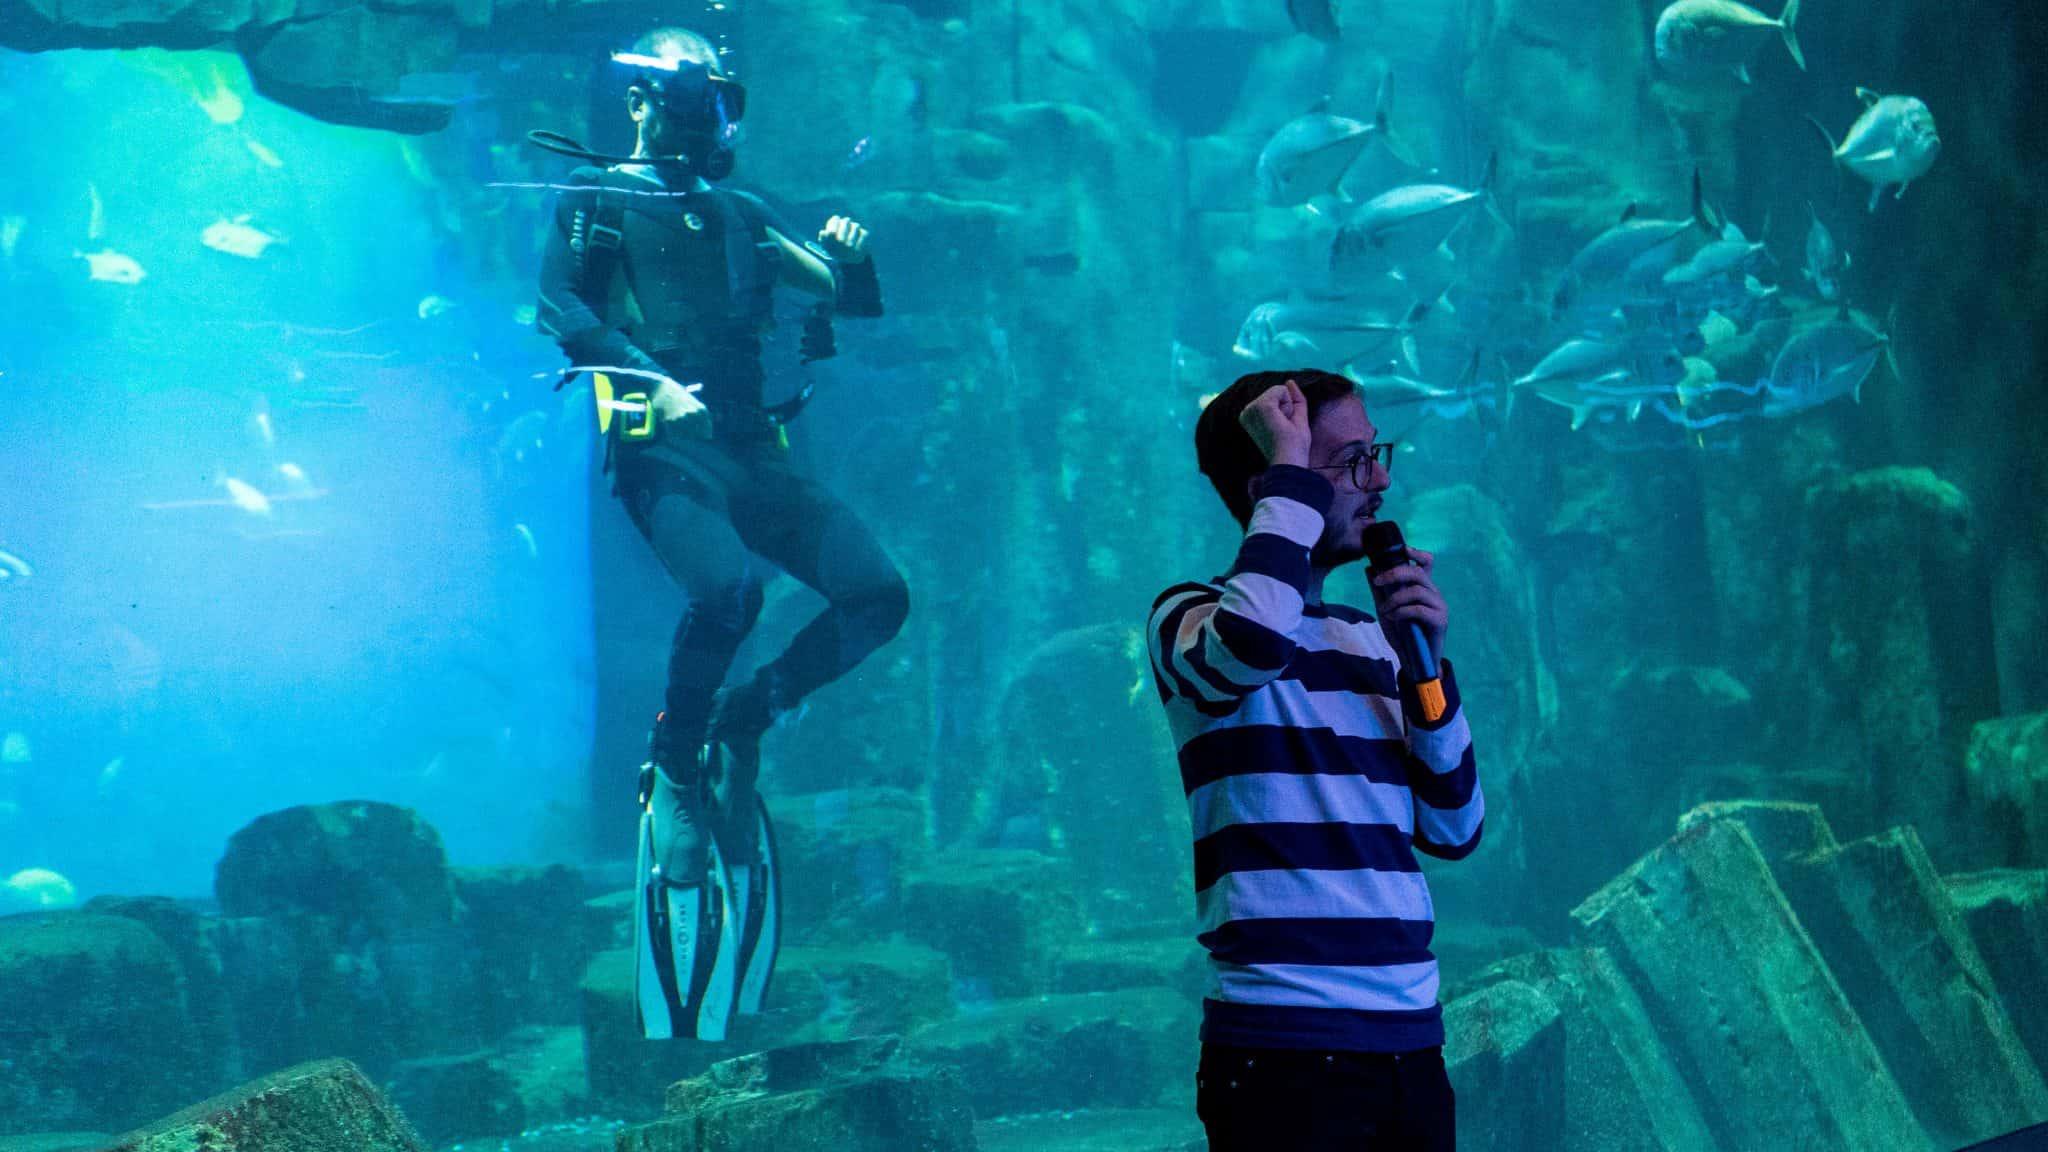 Rencontre avec un plongeur - Aquarium de Paris - Animation pédagogique